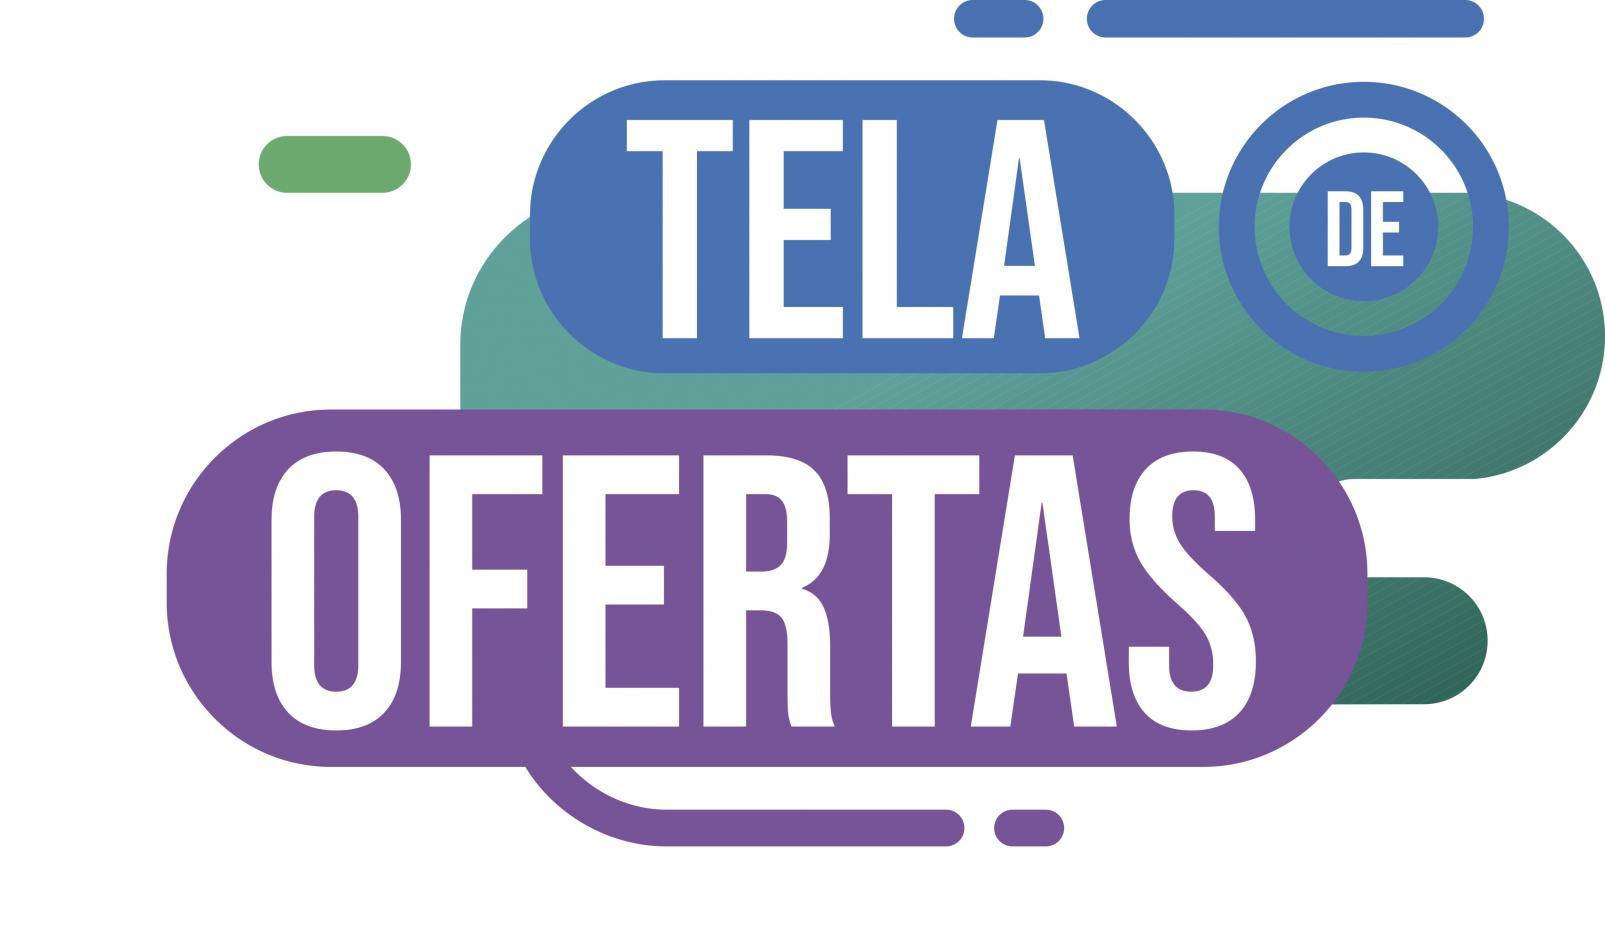 EPTV, afiliada Rede Globo, estreia programa